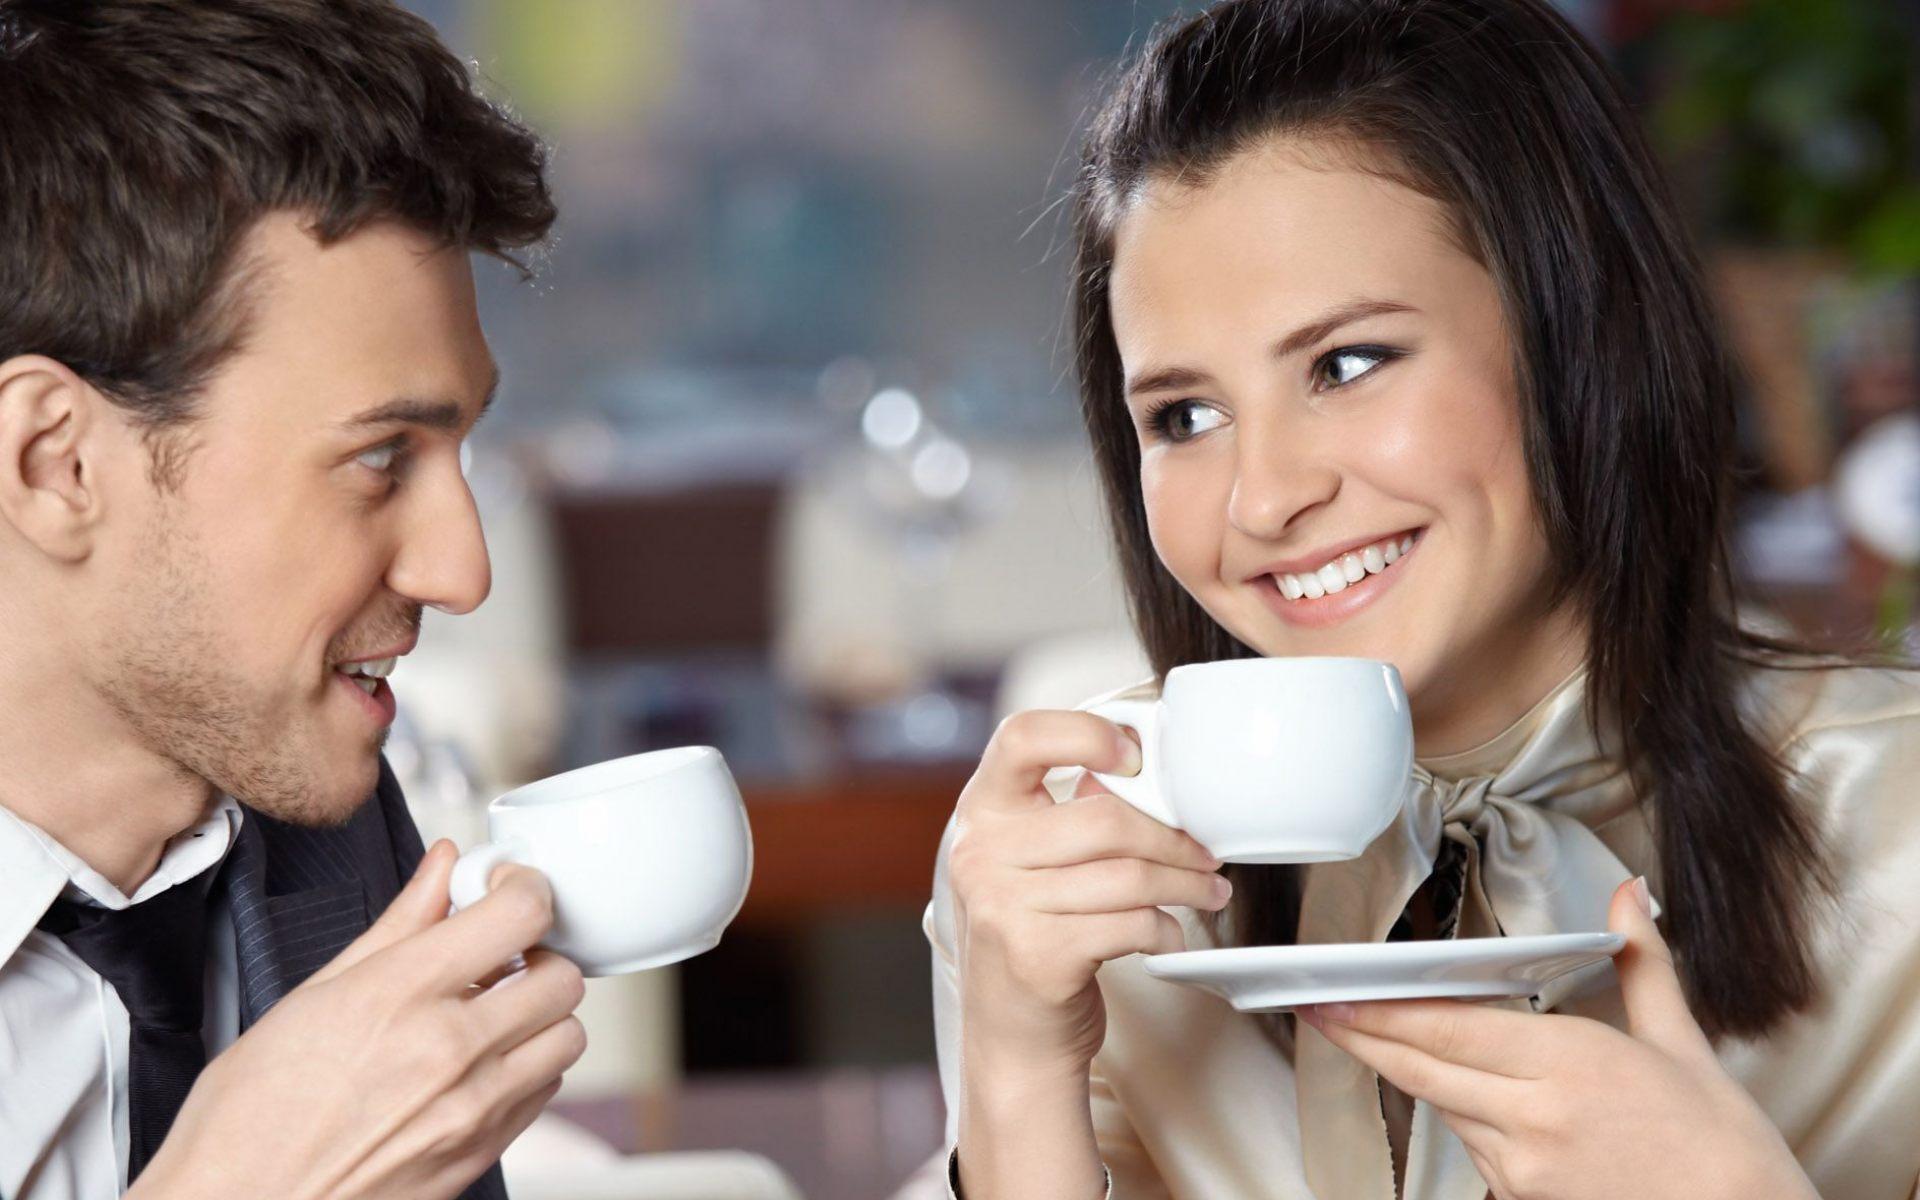 это картинки где вместе пьют кофе нарядных вещей несколько